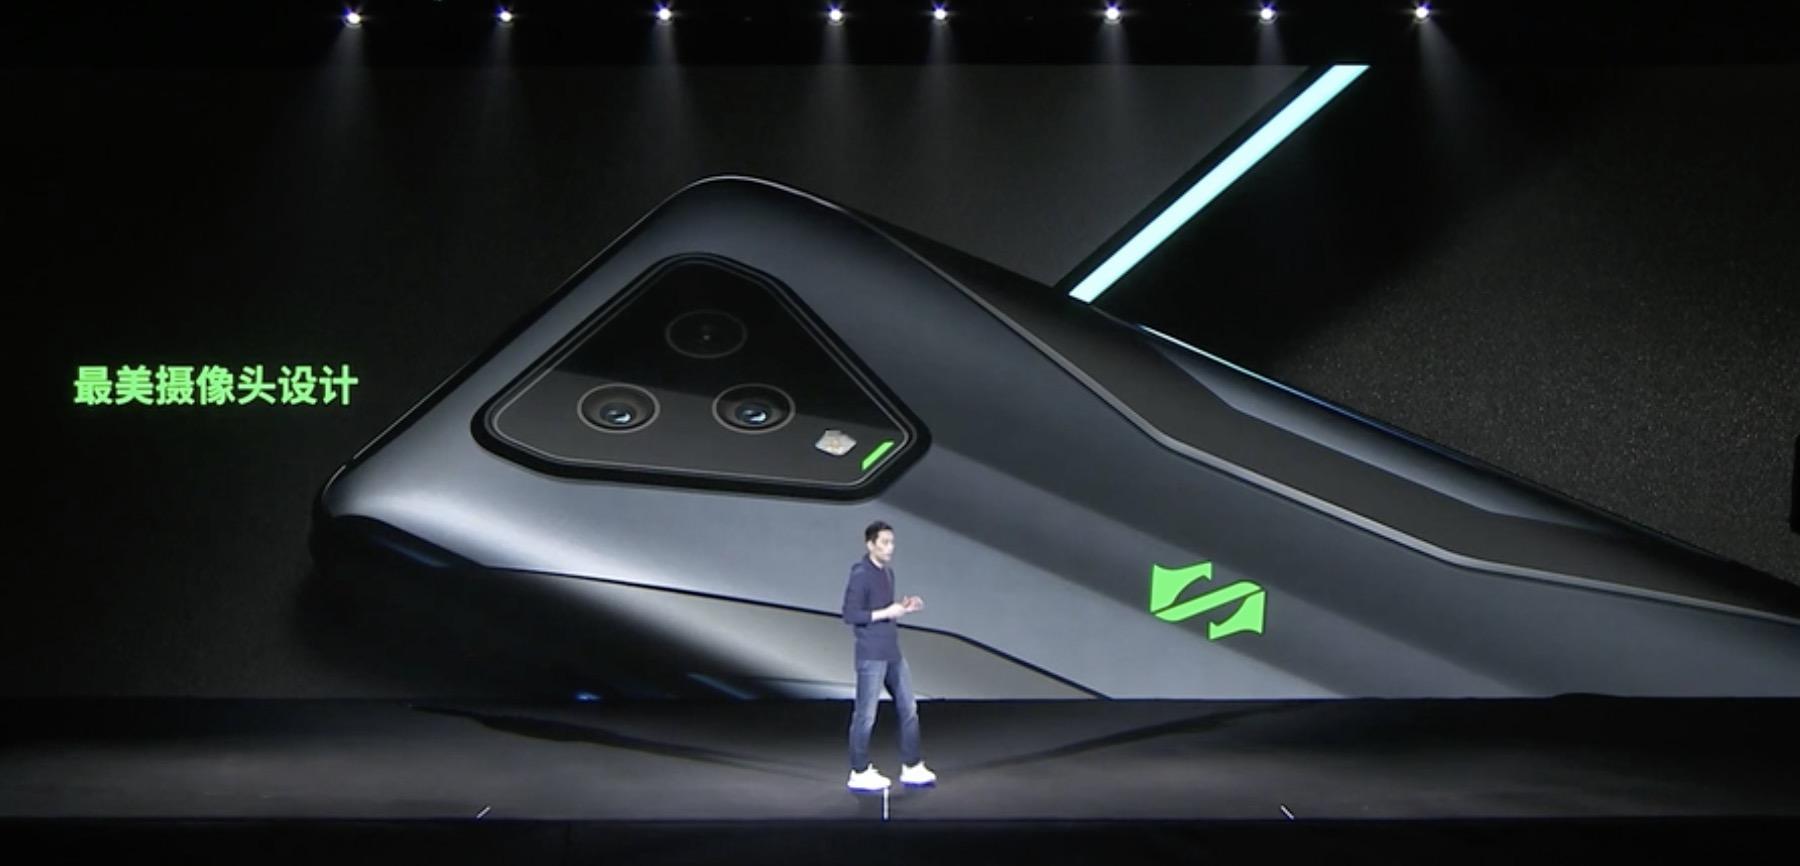 黑鲨与腾讯合作推出首款5G游戏手机,罗永浩没来但他来了